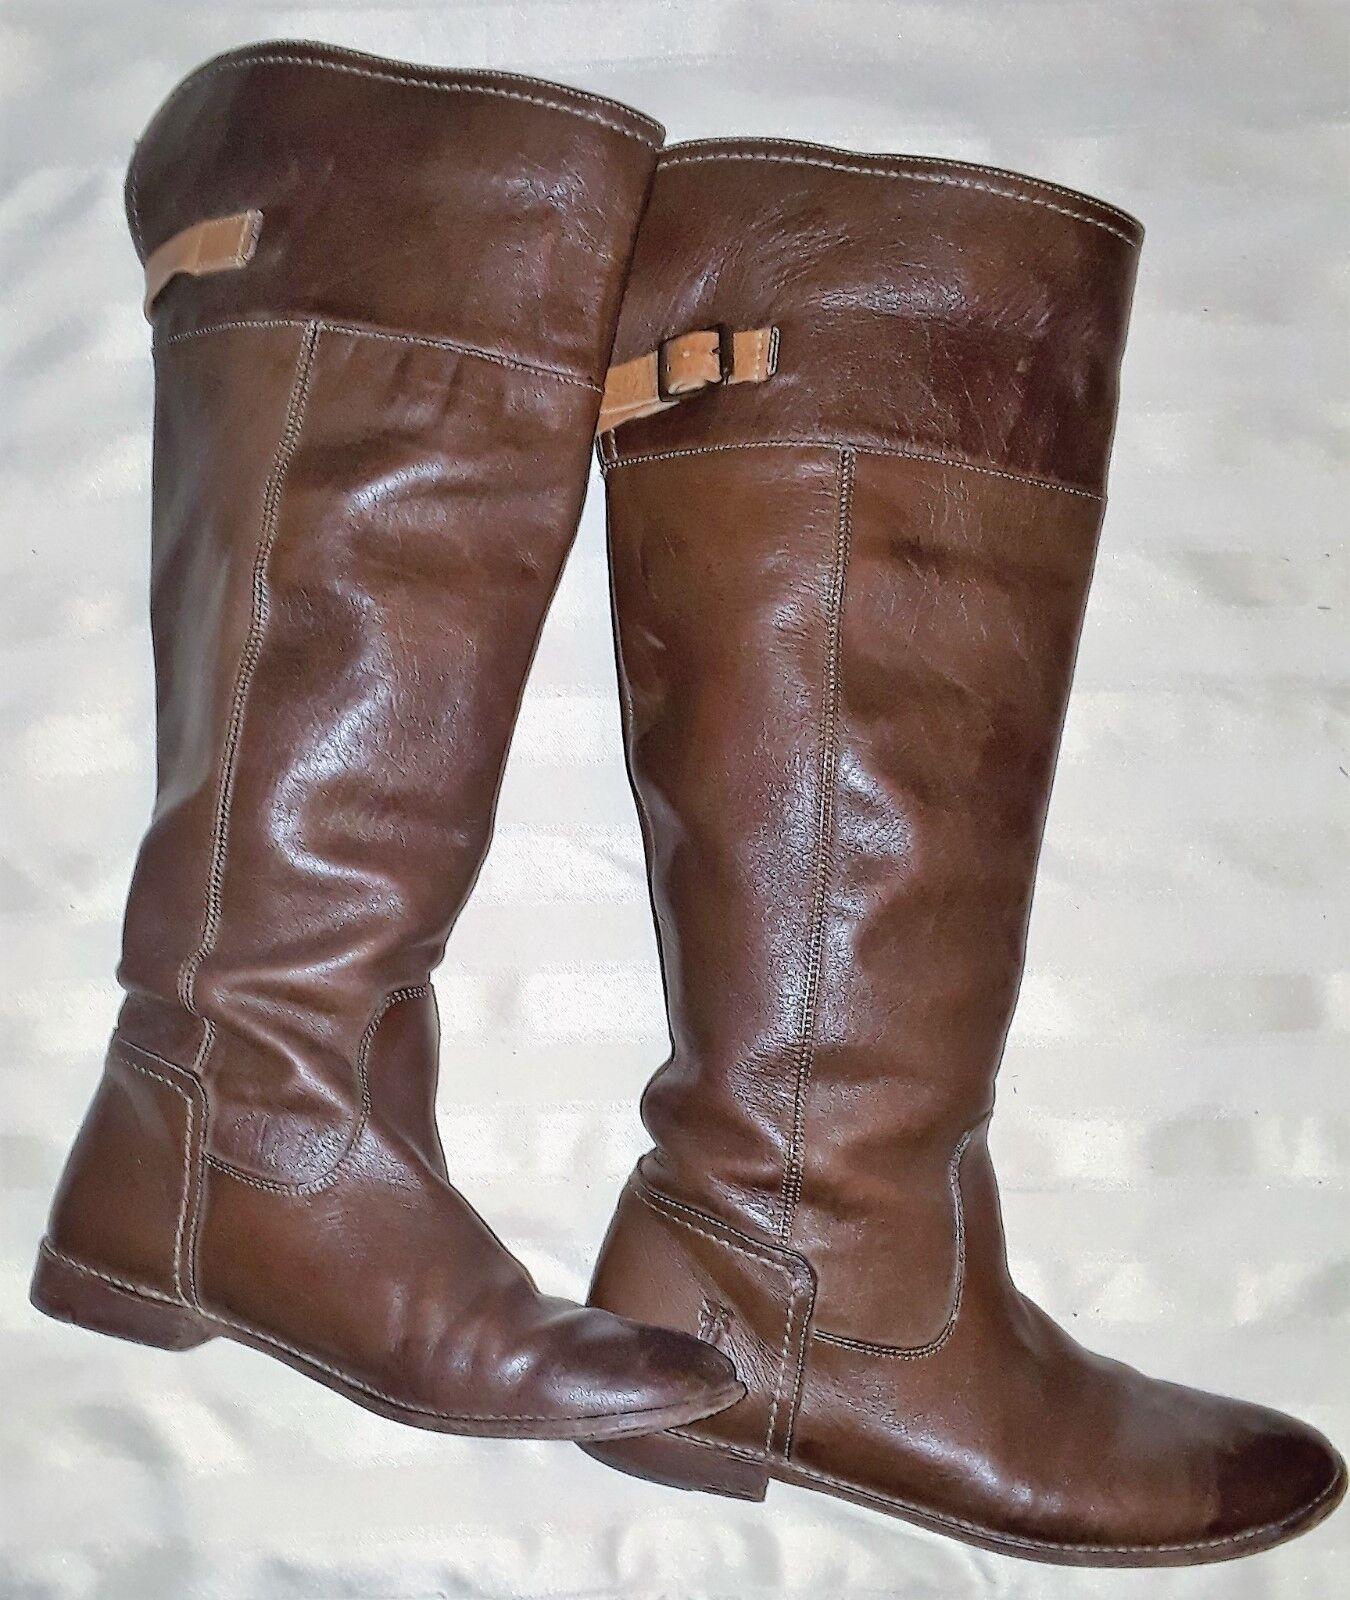 Frye Bronceado Y Marrón sobre la la la rodilla botas – tamaño 10 – Pre Propiedad 22918d